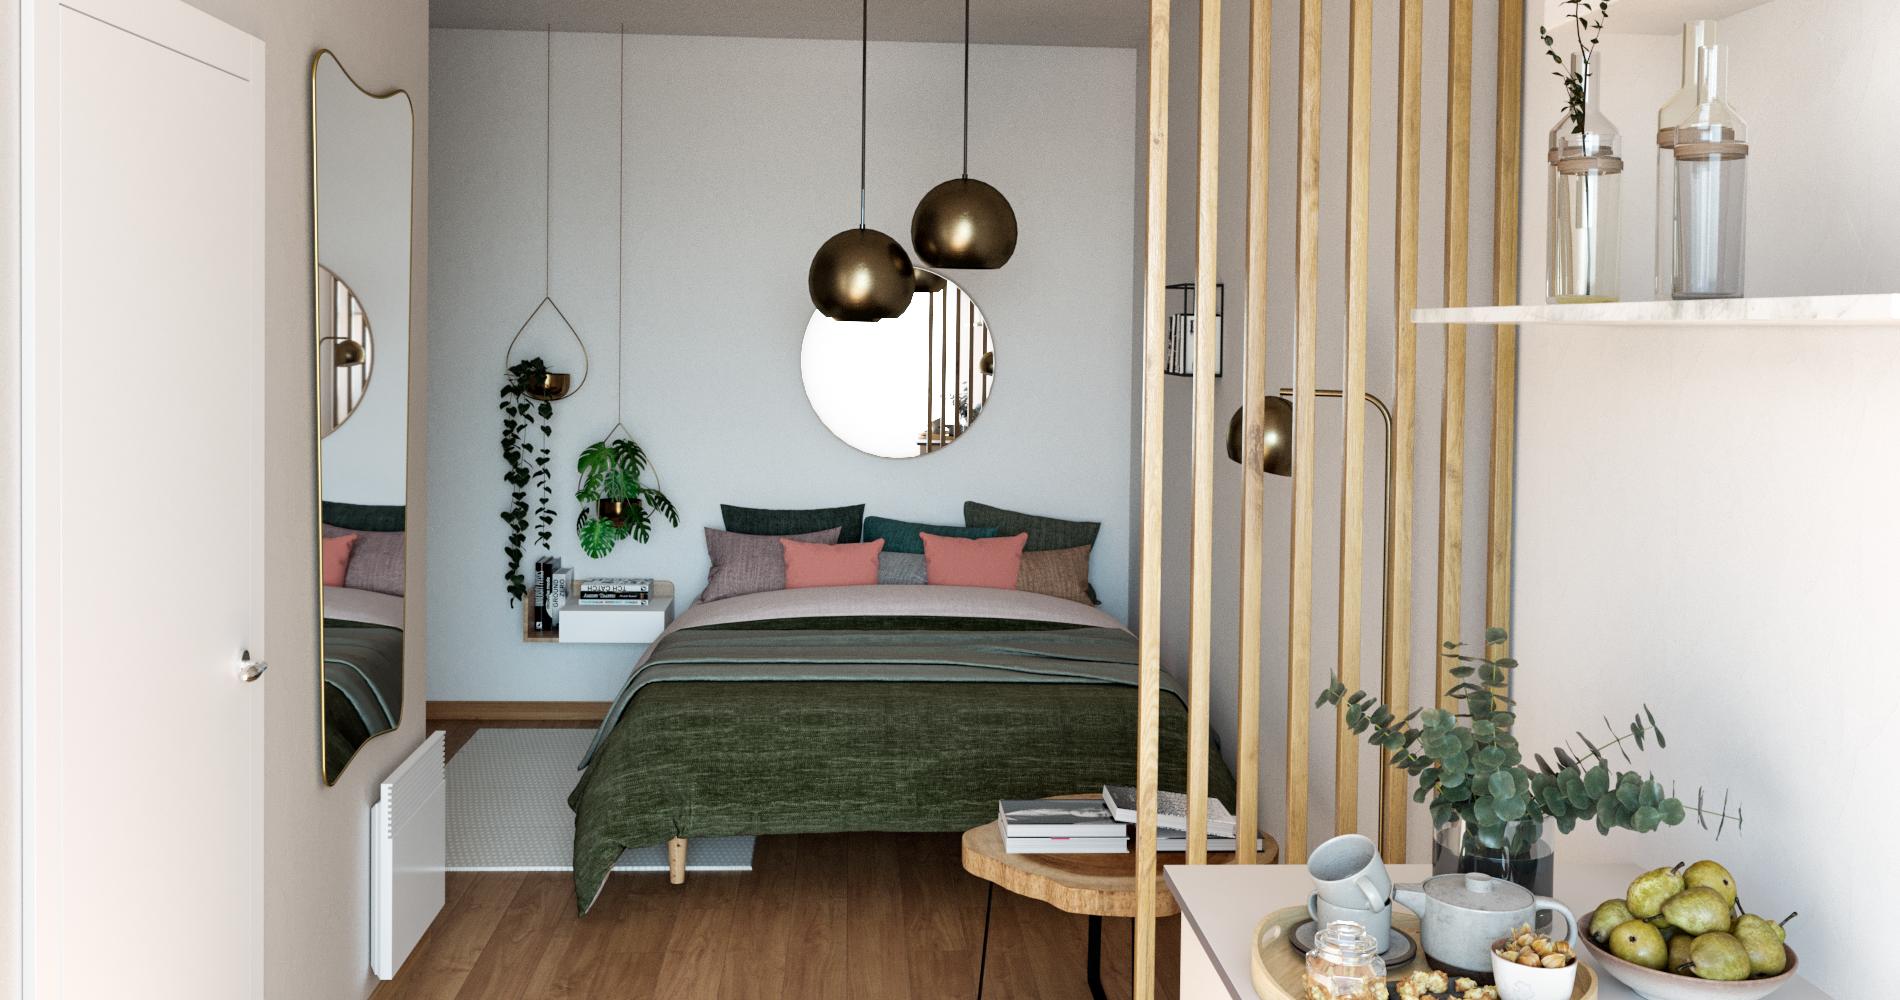 Comment Donner De La Lumiere A Un Appartement Sombre Madame Figaro